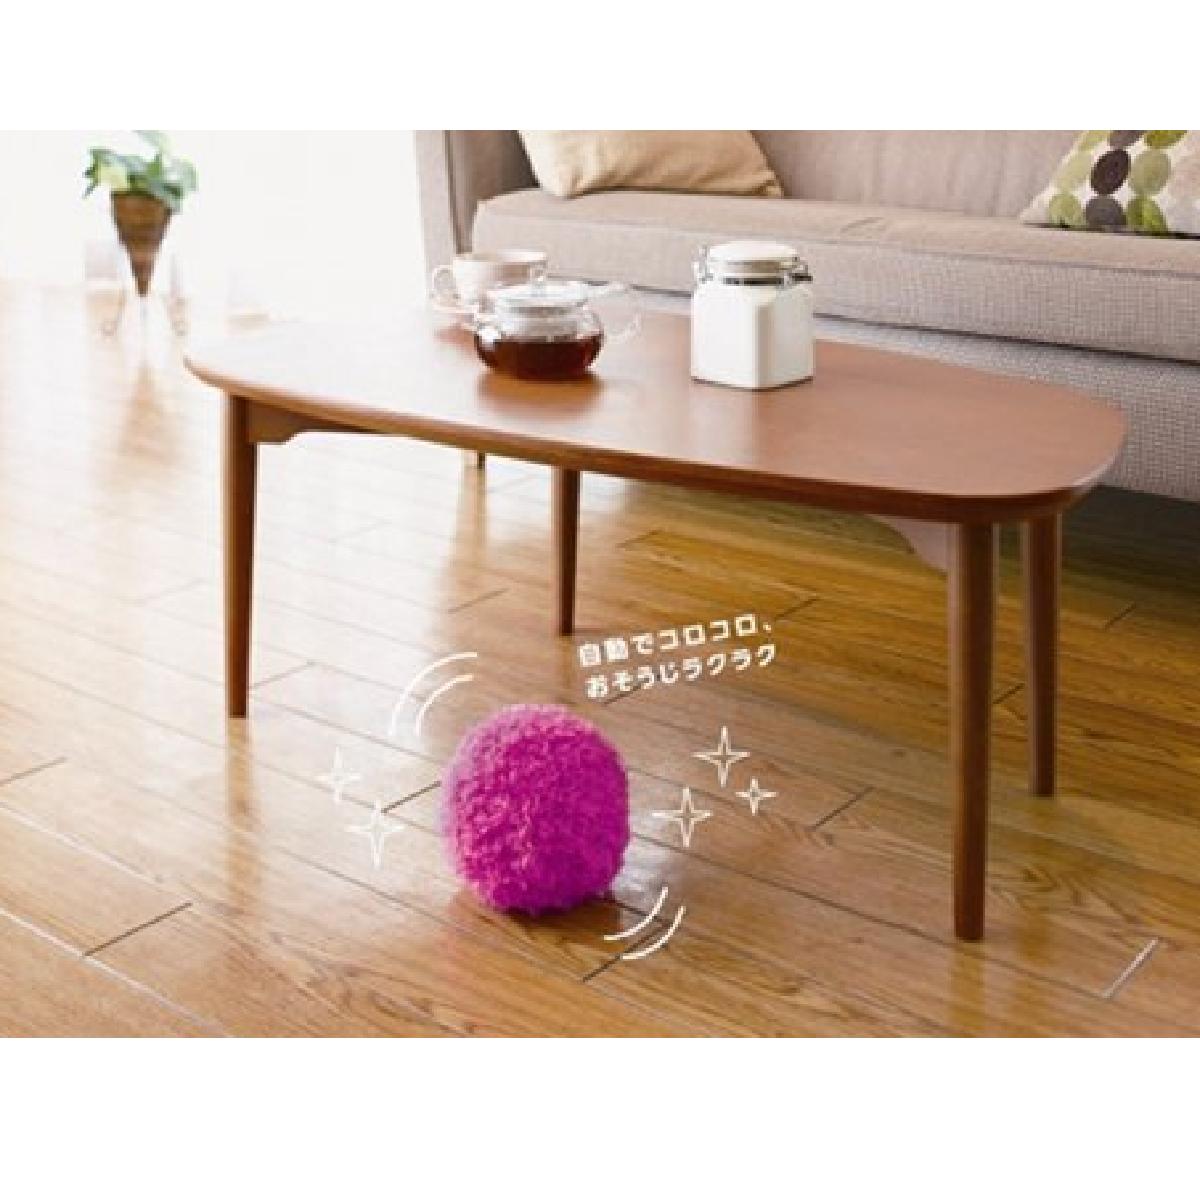 cadeaux 2 ouf id es de cadeaux insolites et originaux une boule de poils pour nettoyer. Black Bedroom Furniture Sets. Home Design Ideas